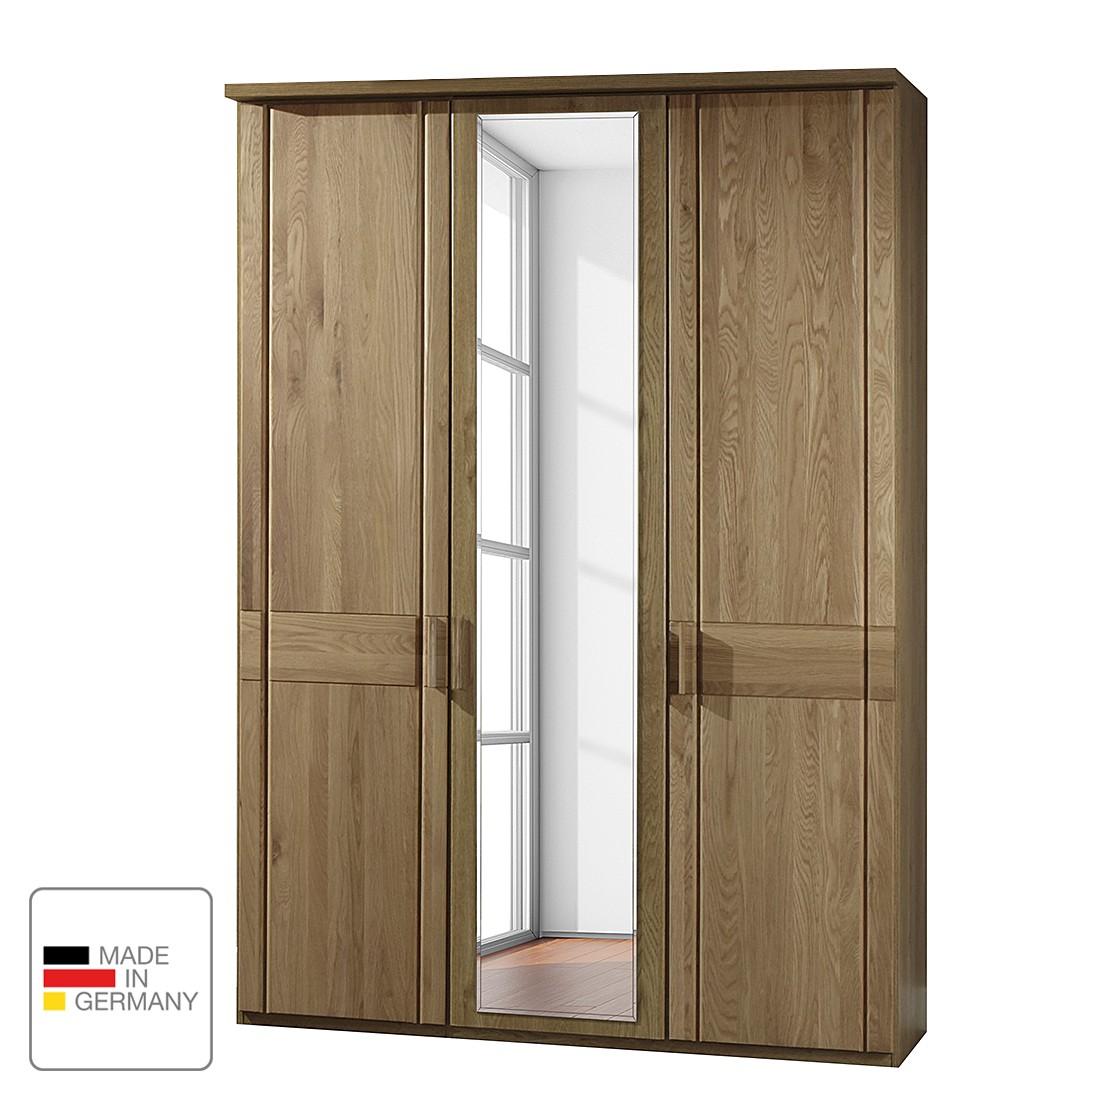 goedkoop Draaideurkast Münster deels massief eikenhout Zonder verlichting 250cm 5 deurs 1 spiegeldeur Met kroonlijst Wiemann